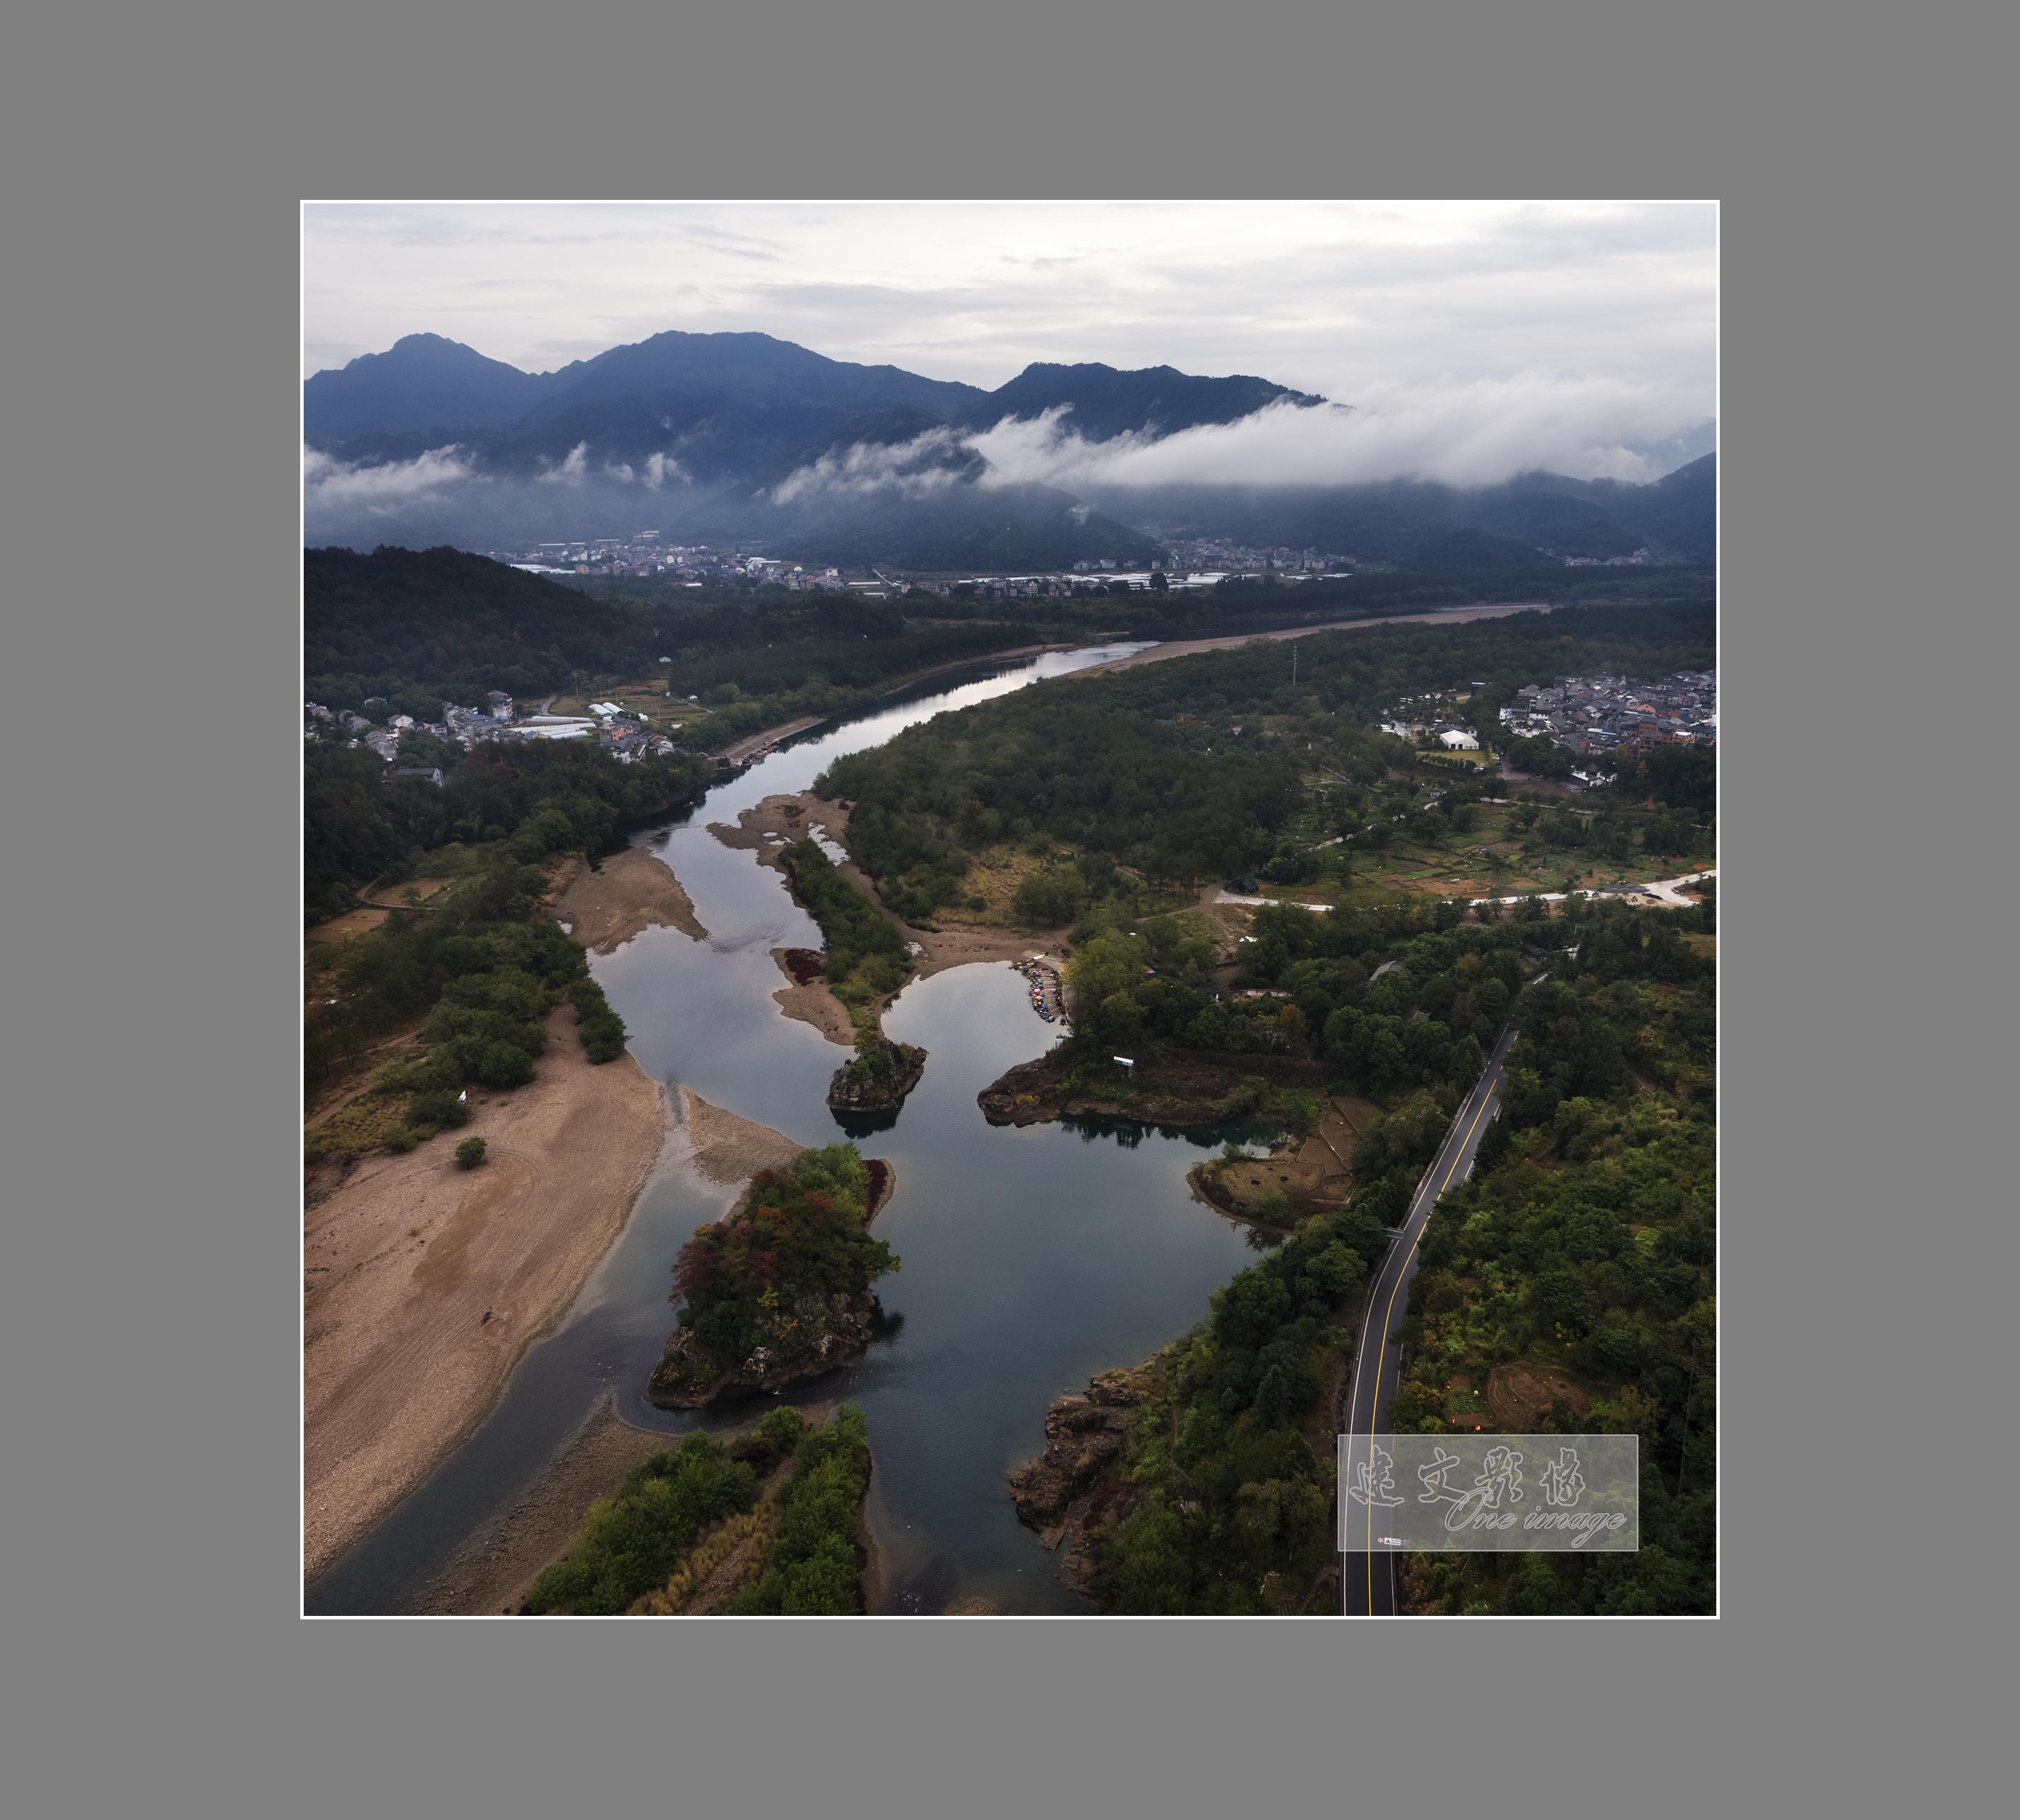 感受丽水艺术之乡、楠溪江文化摄影创作班